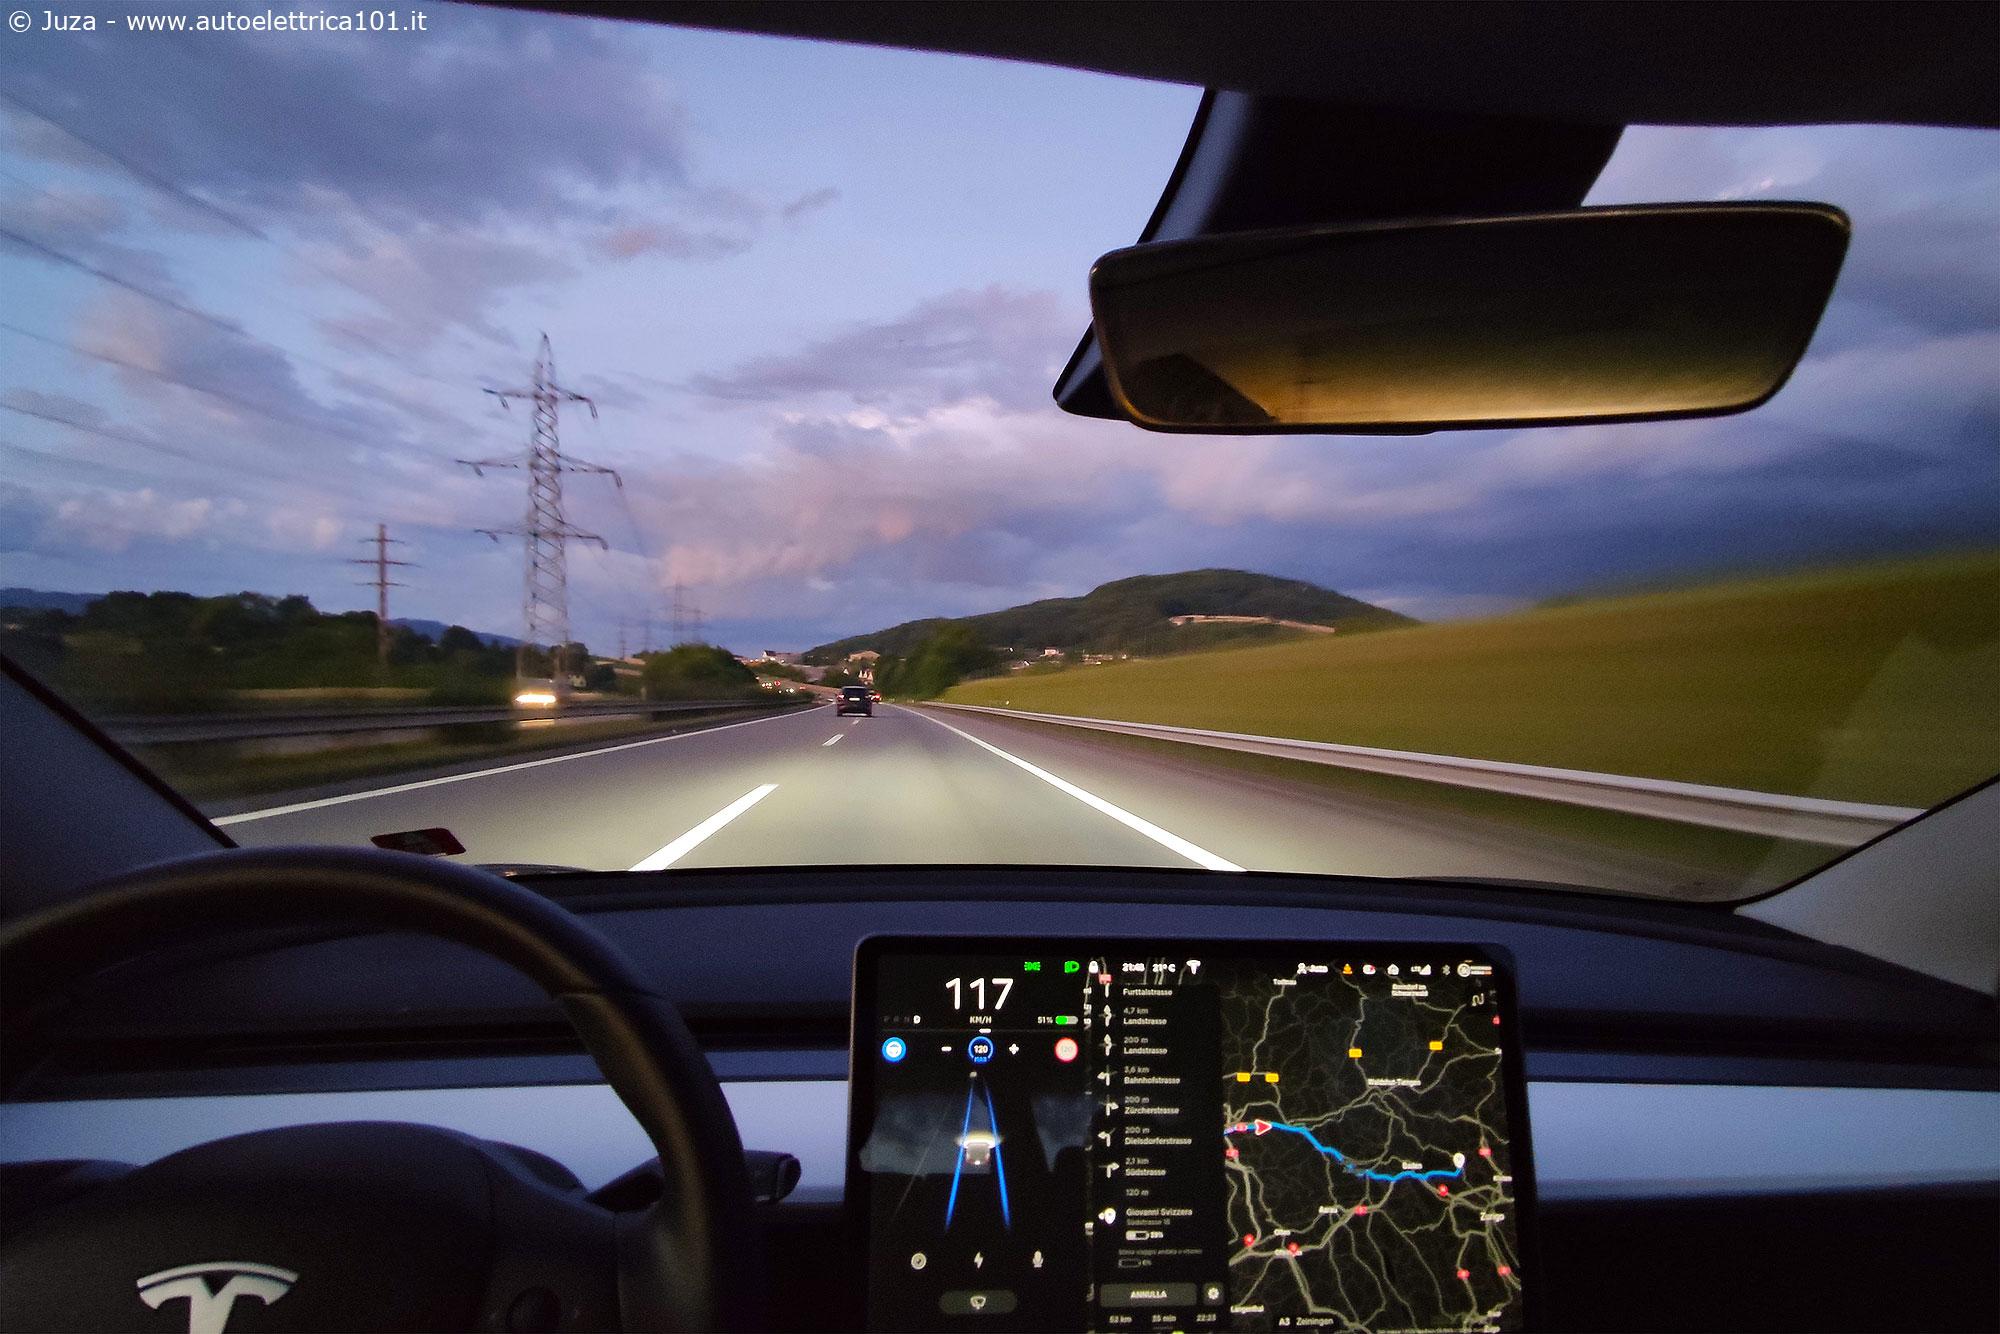 Auto elettrica su lunghe percorrenze